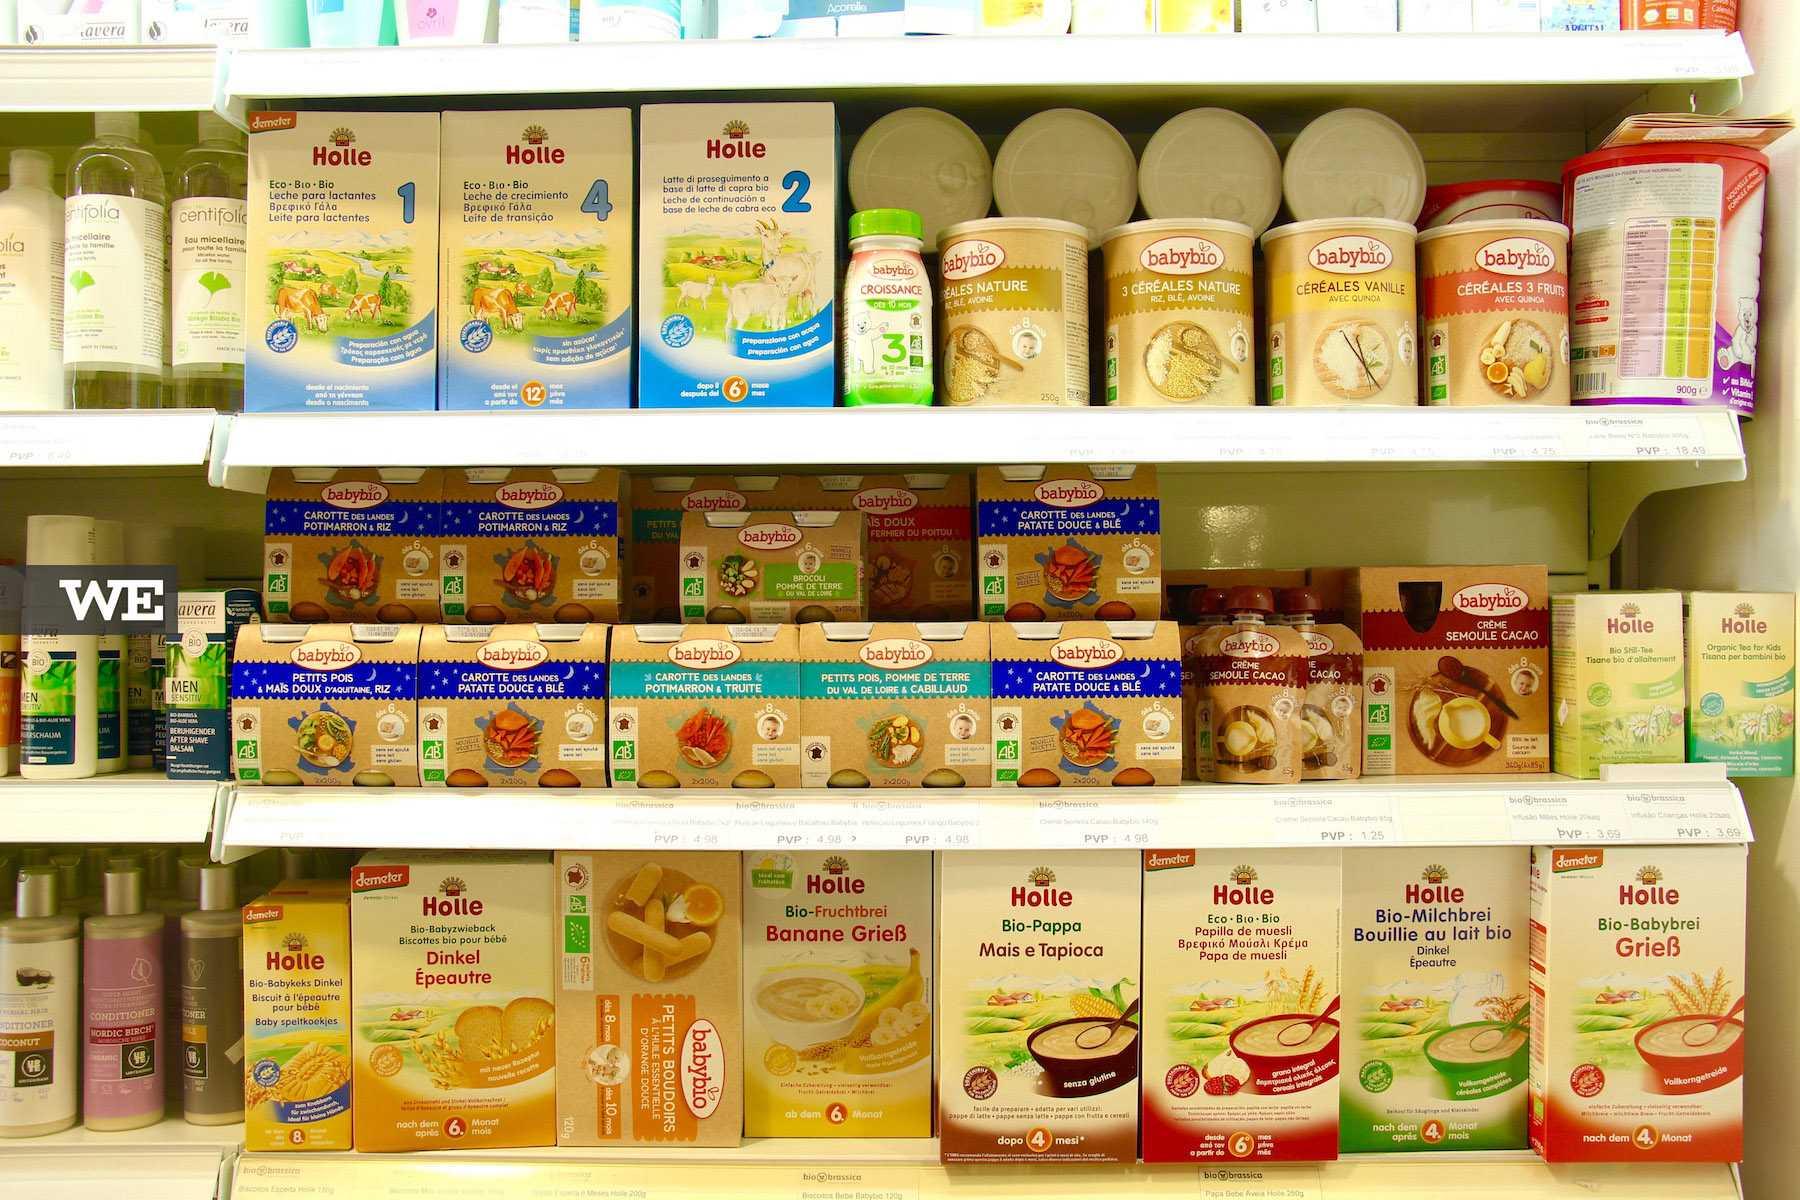 Artigos BIO na Biobrassica, uma loja de produtos biológicos.